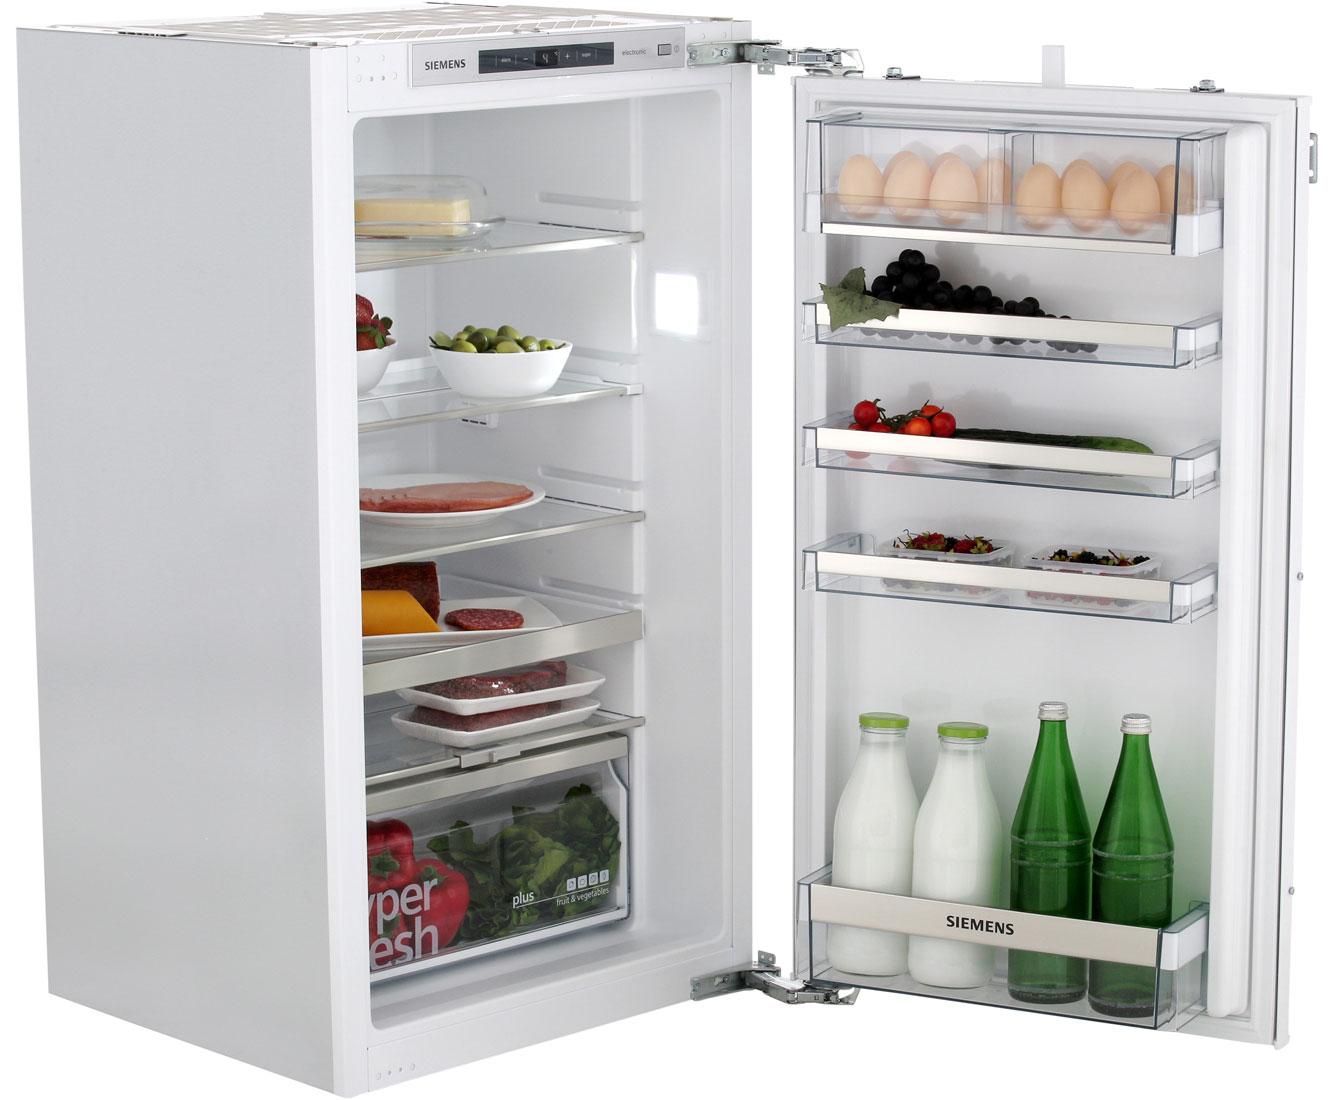 Siemens Family Line Kühlschrank : Siemens iq ki raf einbau kühlschrank er nische festtür